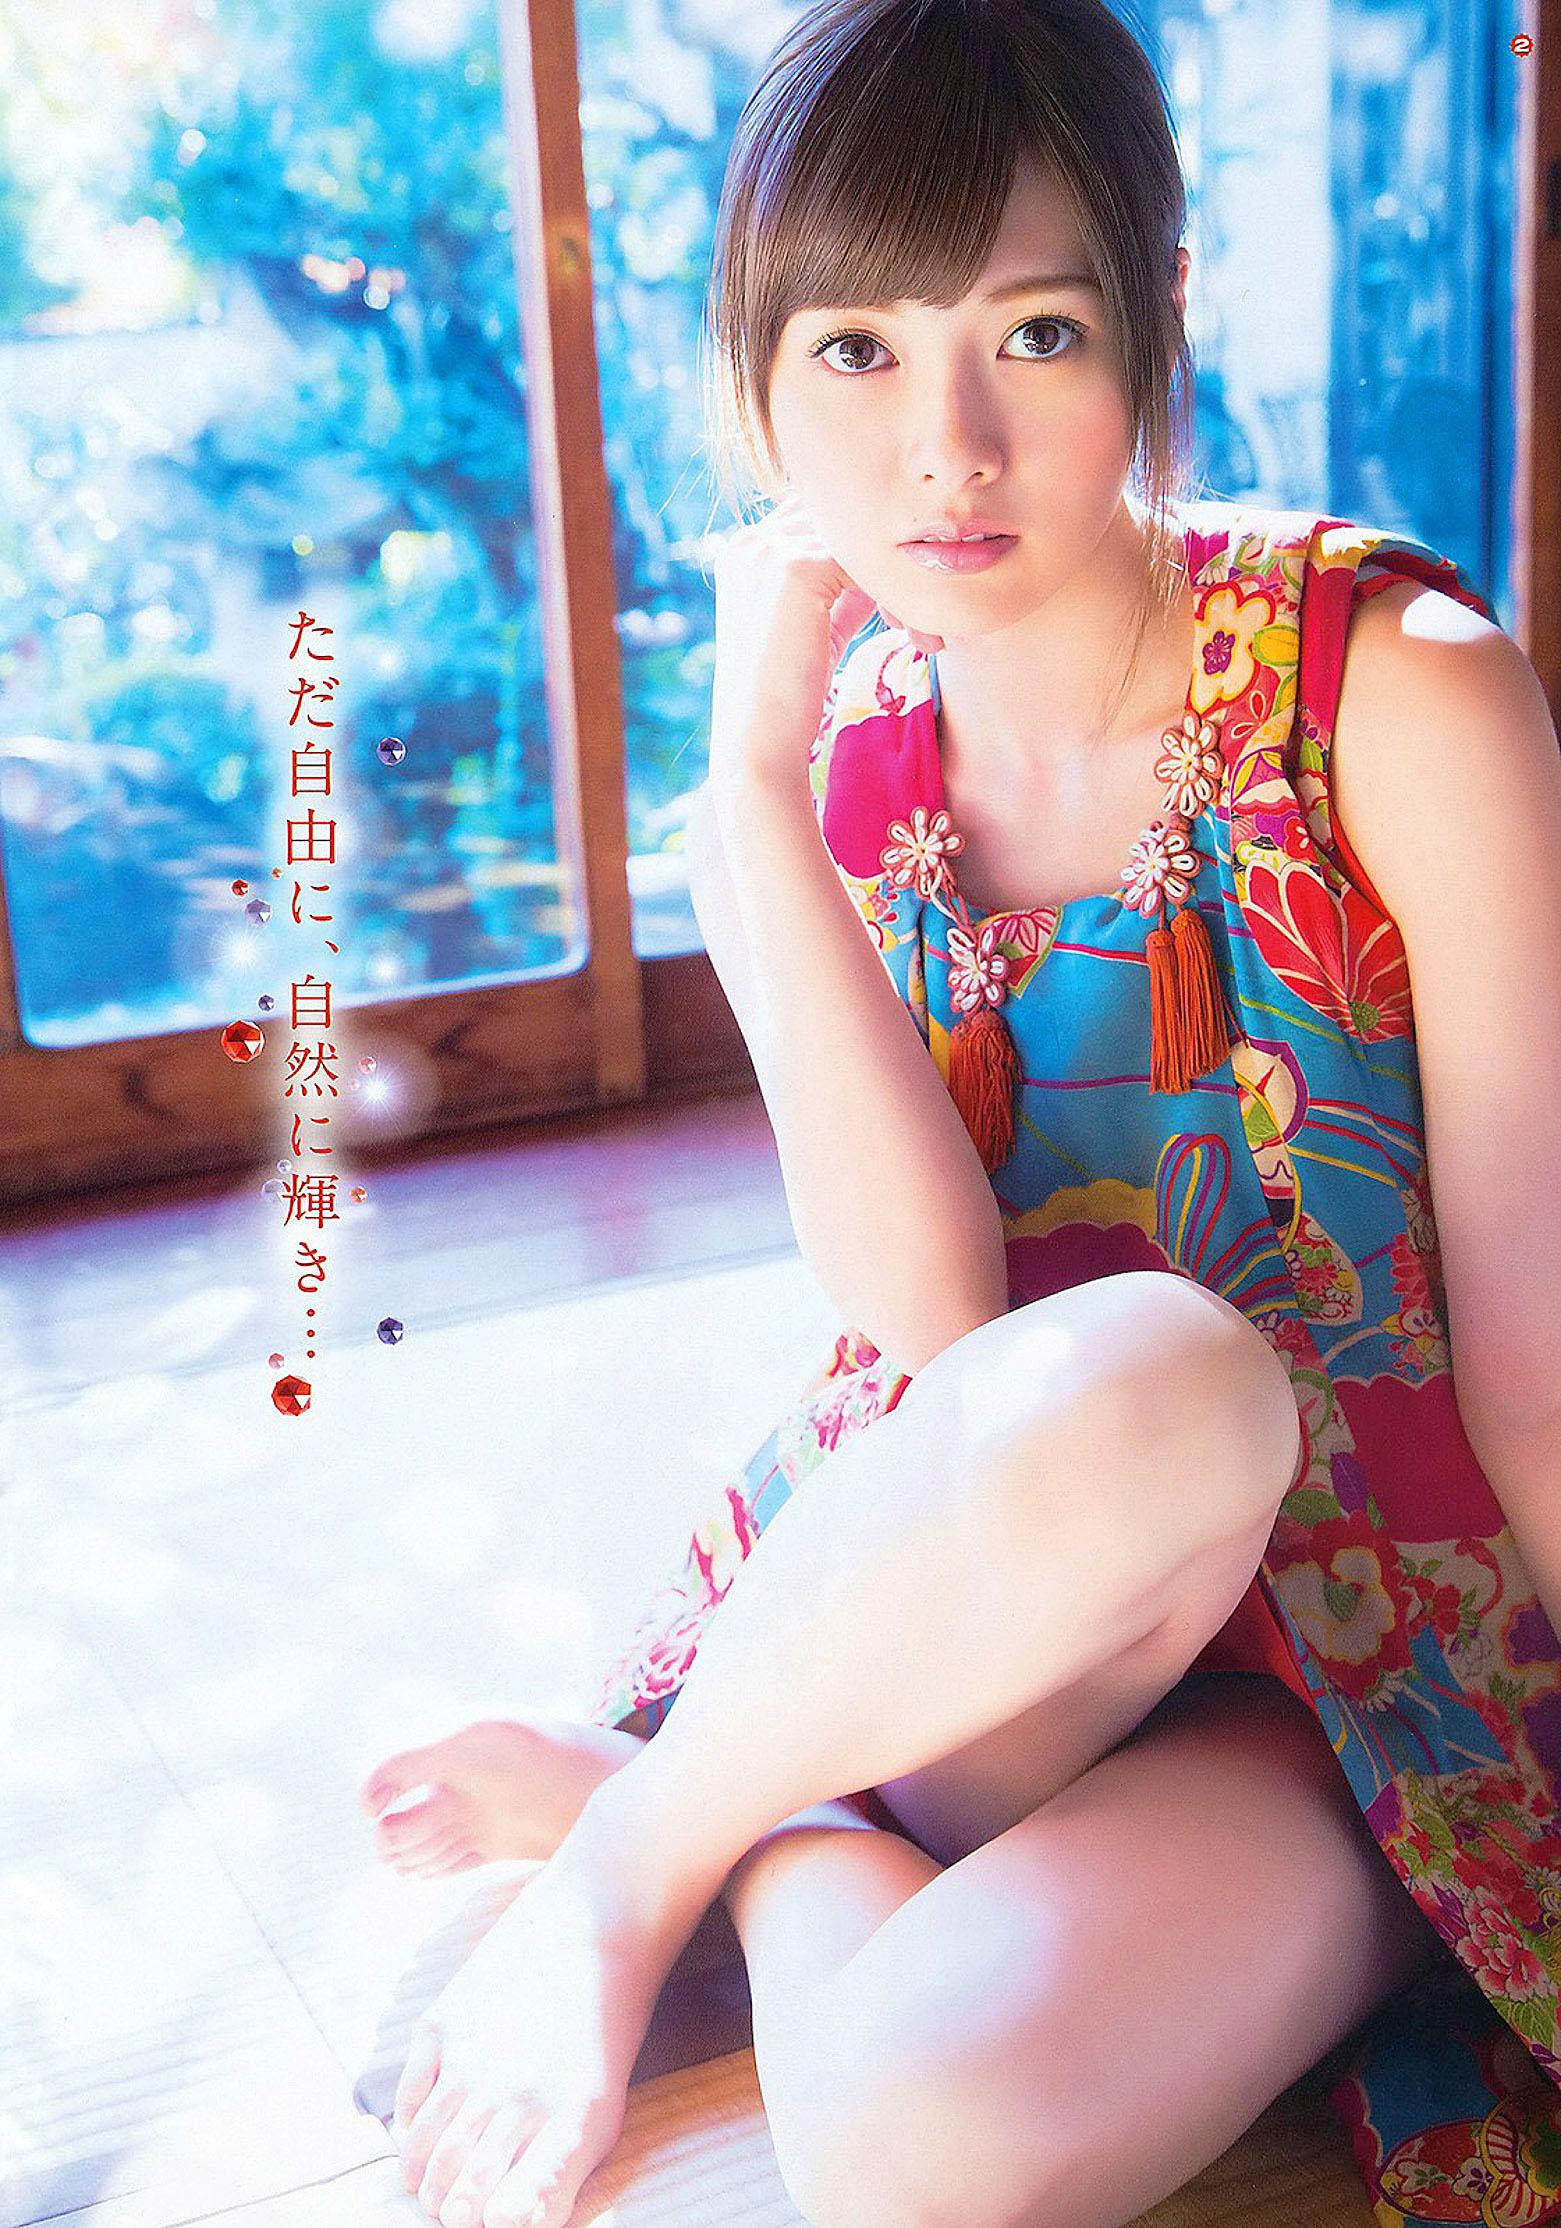 MShiraishi Young Gangan 150116 03.jpg